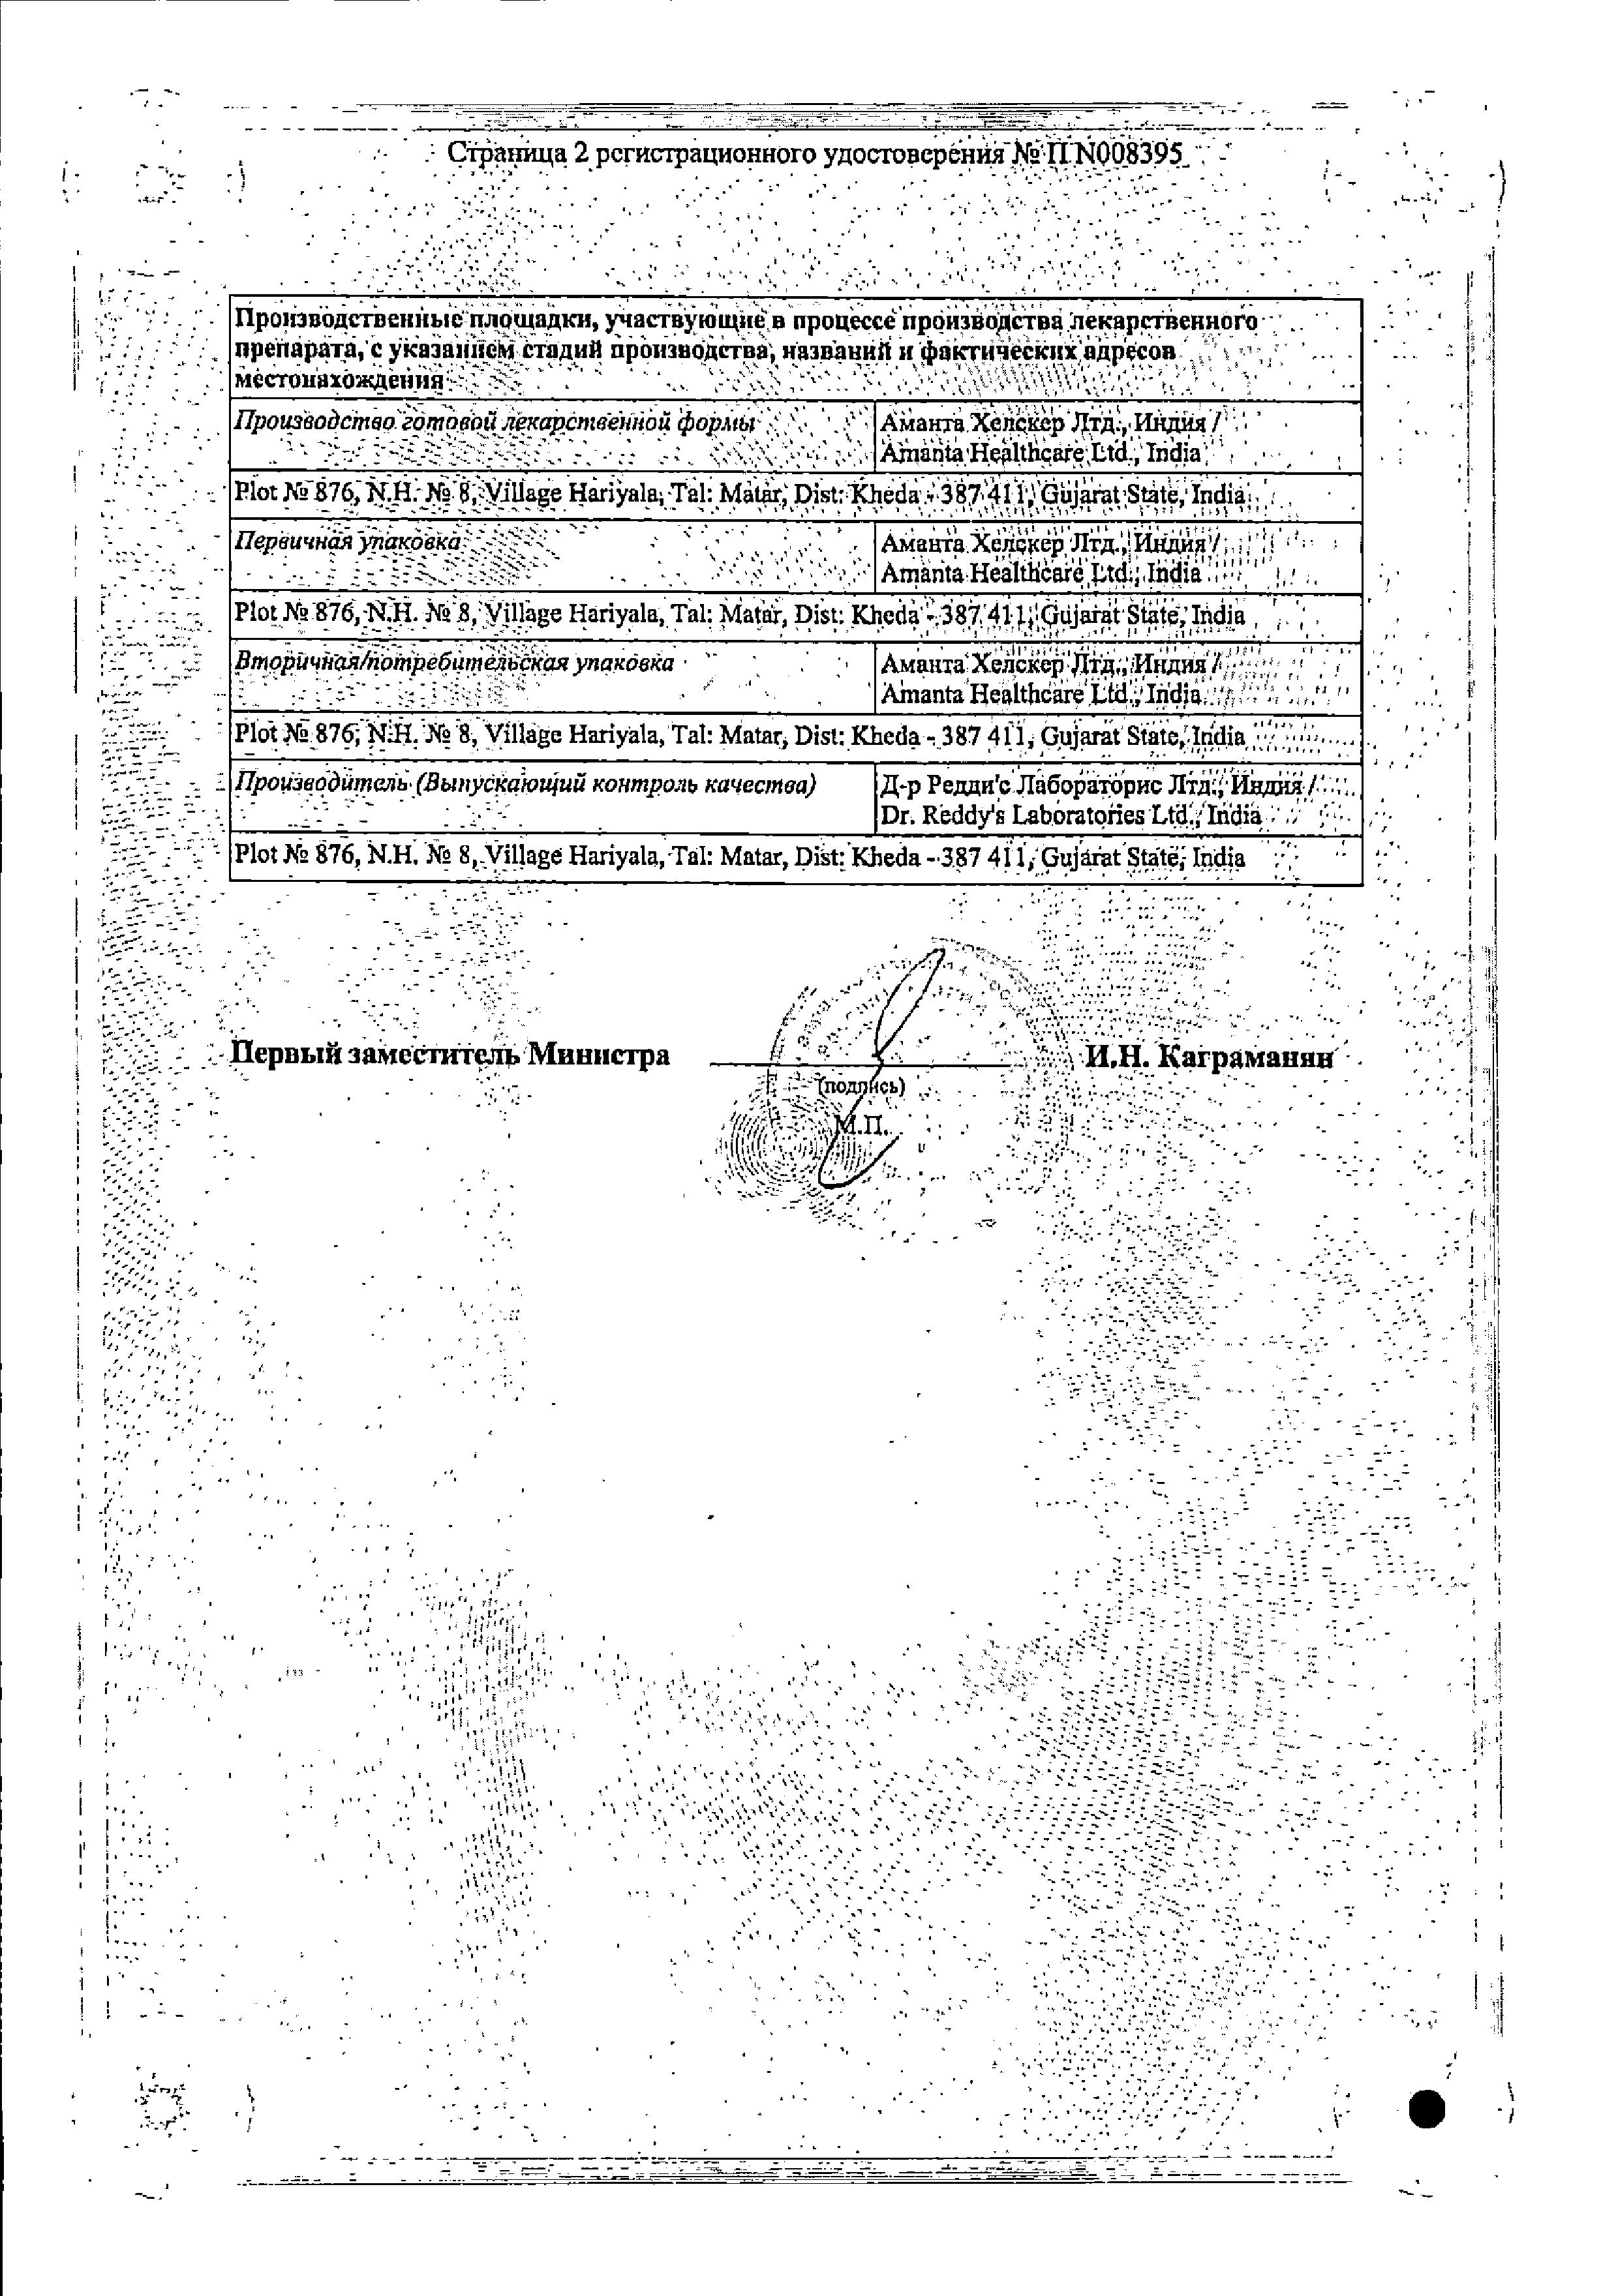 Ципролет (для инфузий) сертификат